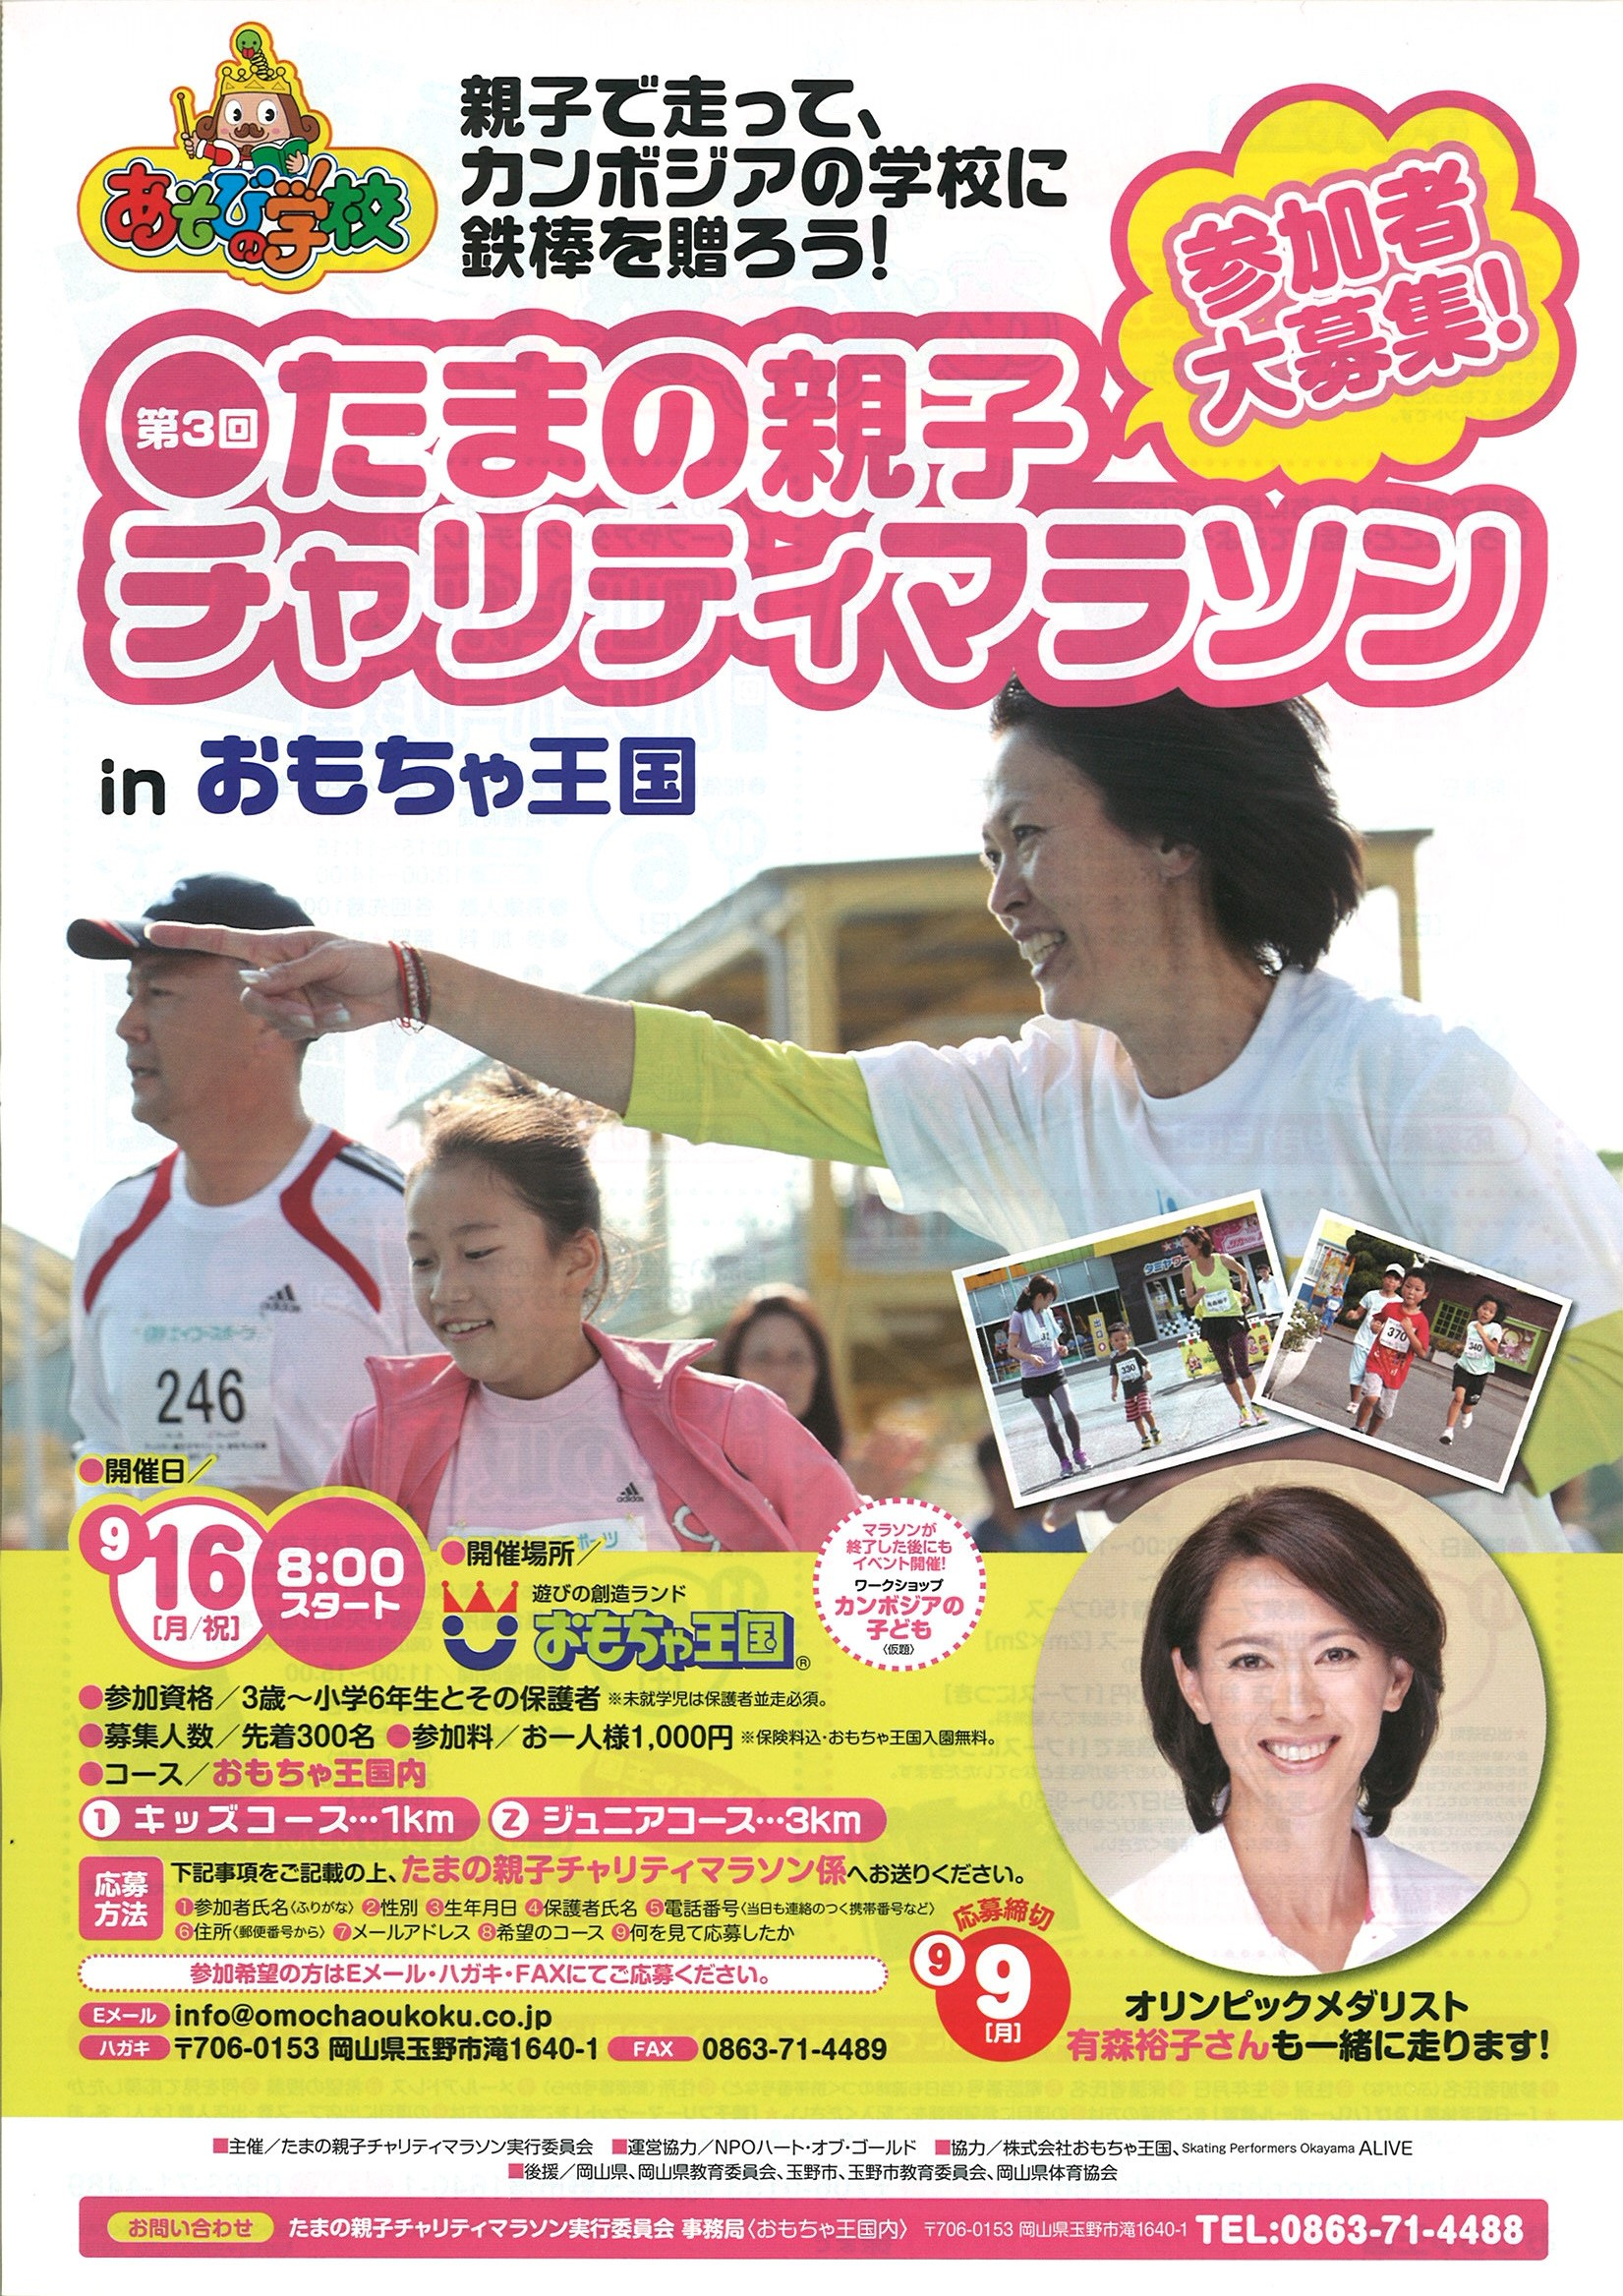 【イベント&ボランティア募集】たまの親子チャリティマラソン